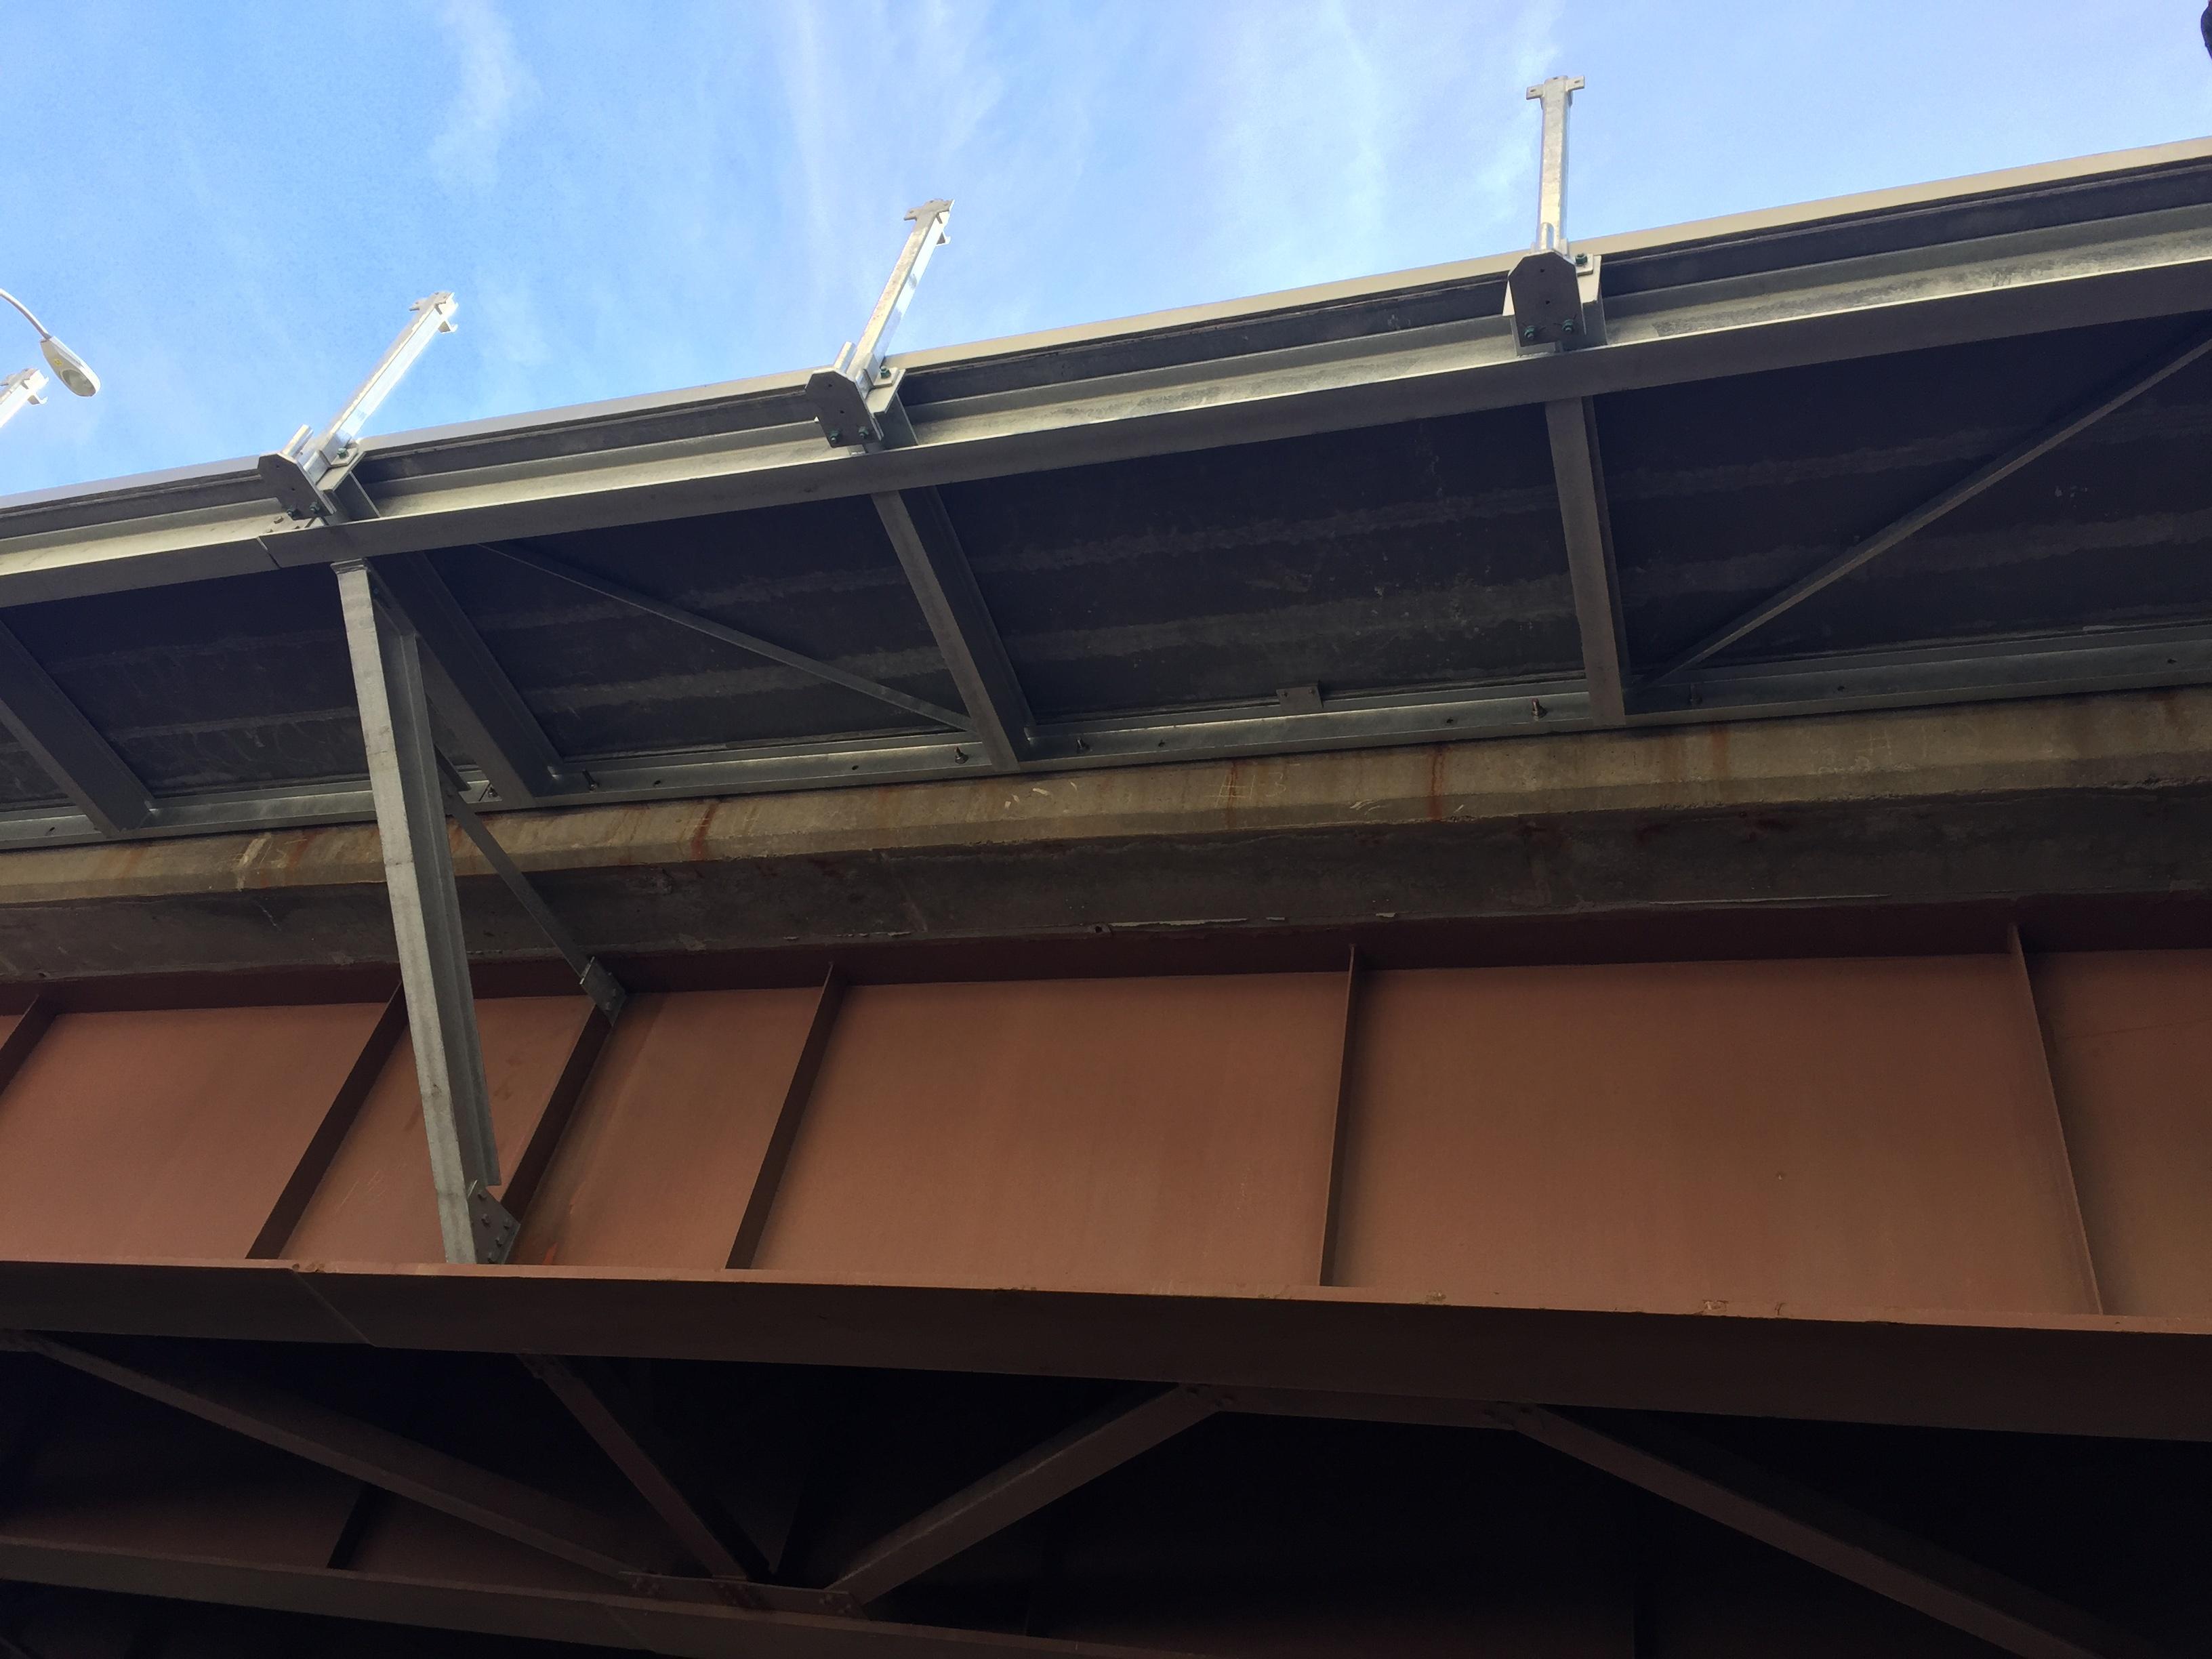 4 - Underside of bridge.jpg